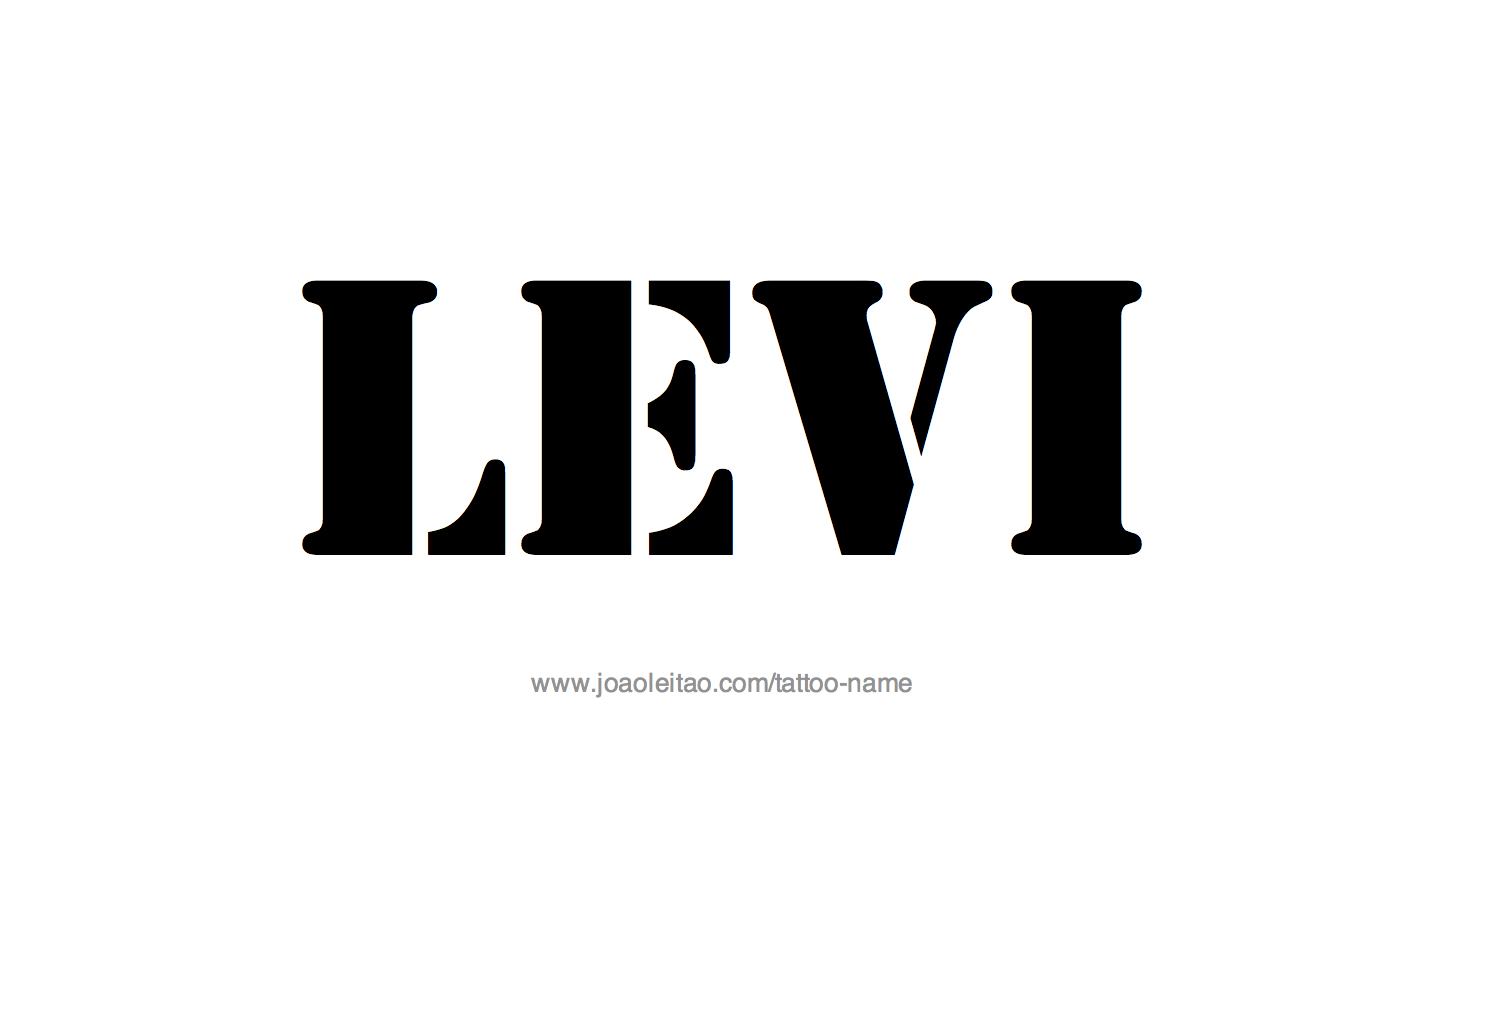 Name: Levi Name Tattoo Designs